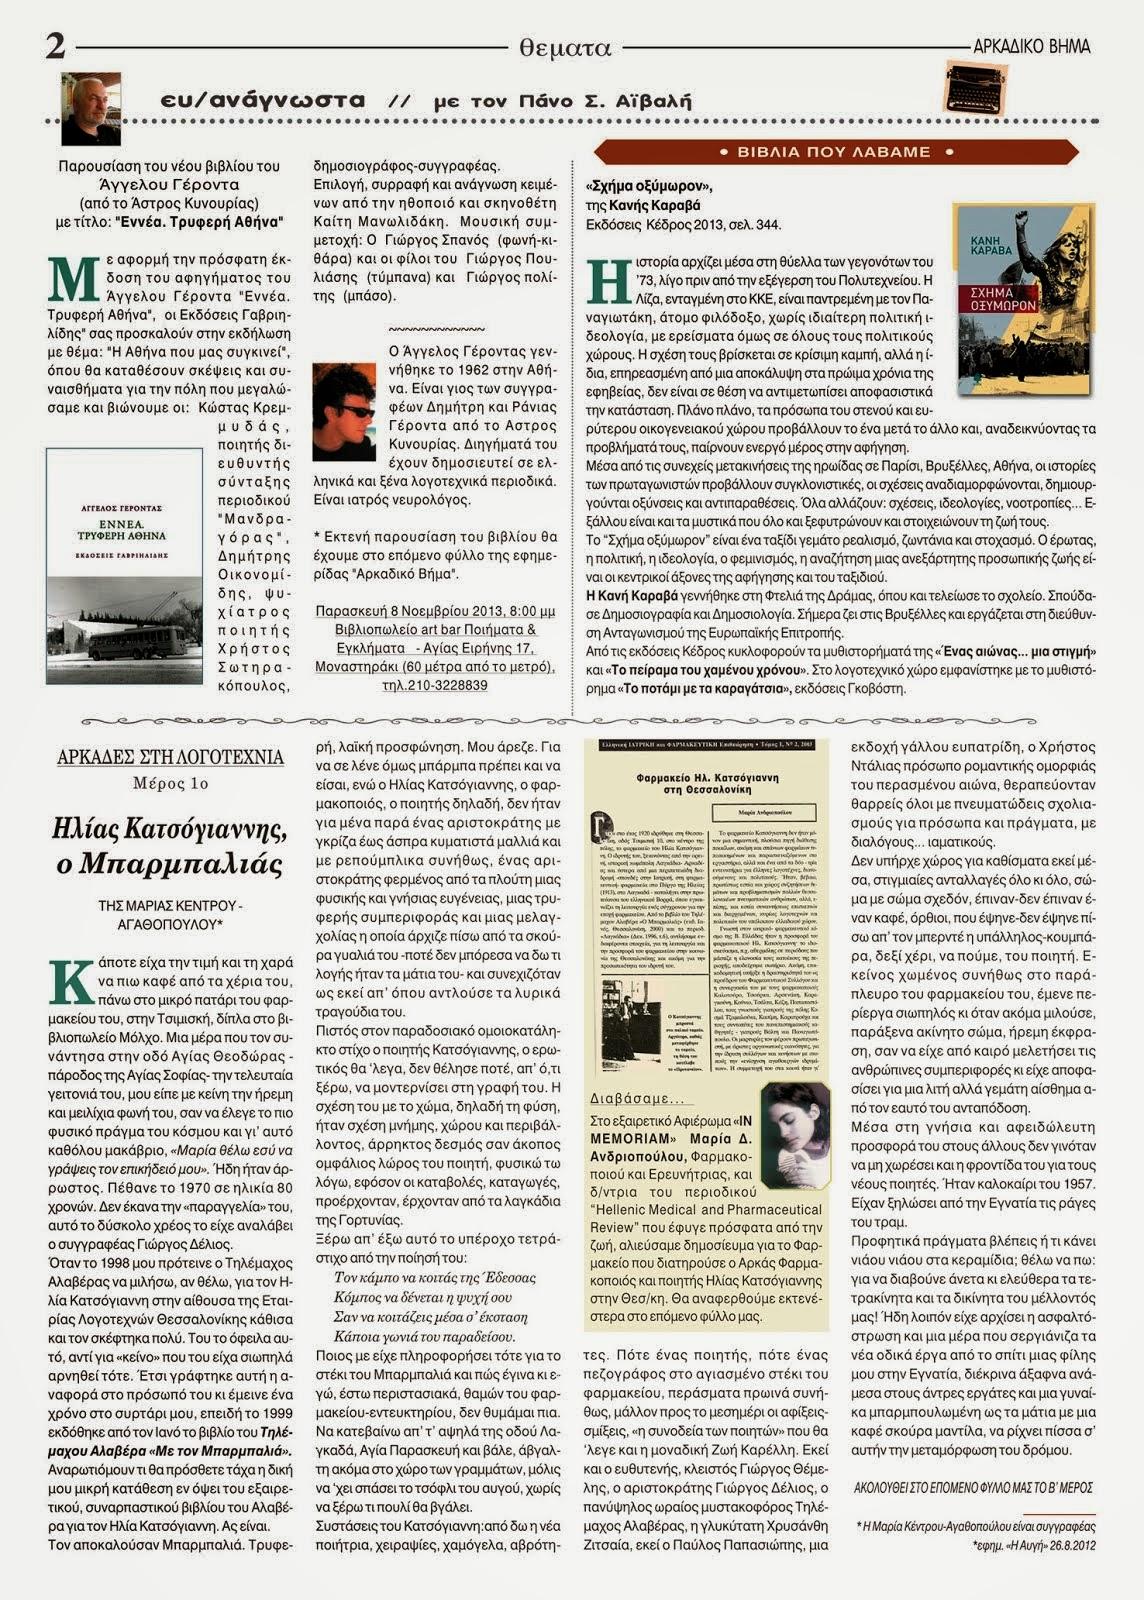 """ΑΡΚΑΔΙΚΟ ΒΗΜΑ: """"Αρκάδες στη Λογοτεχνία- Ηλίας Κατσόγιαννης ο Μπαρμπαλιάς"""